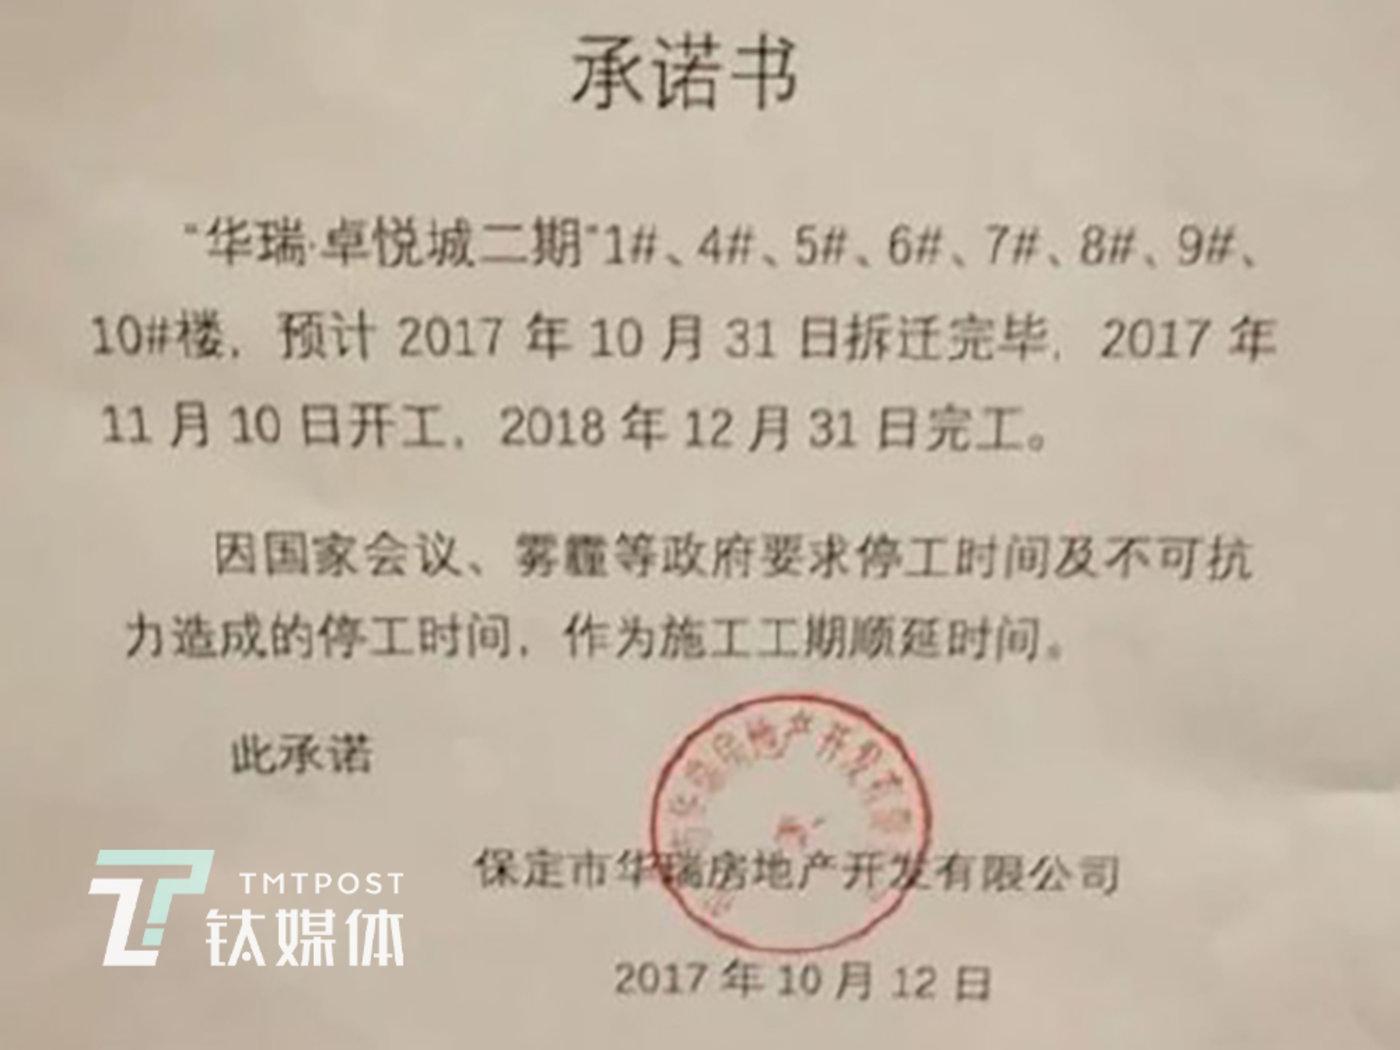 华瑞公司2017年10月12日出具的《承诺书》。